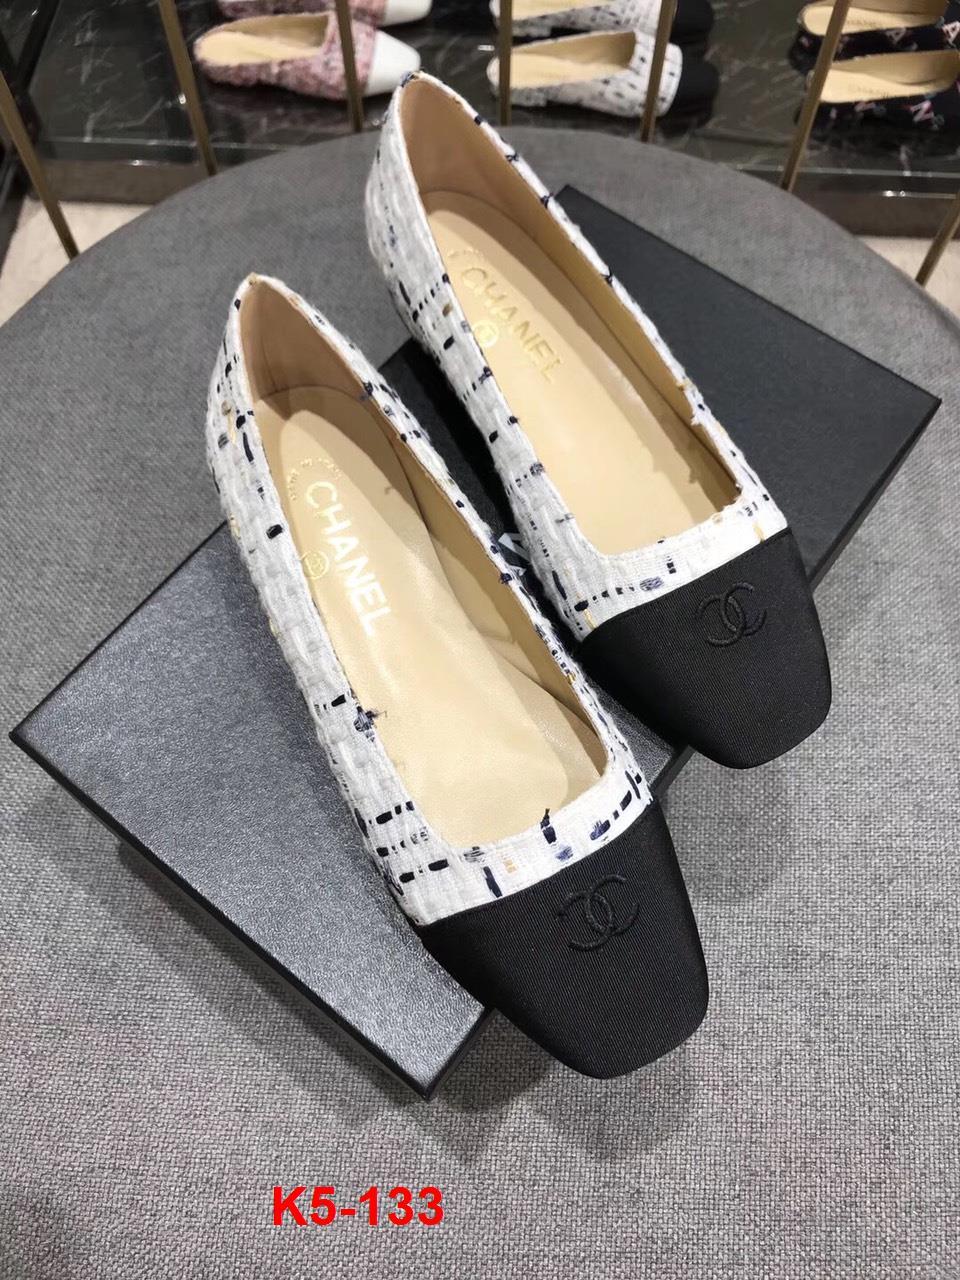 K5-133 Chanel giày bệt siêu cấp